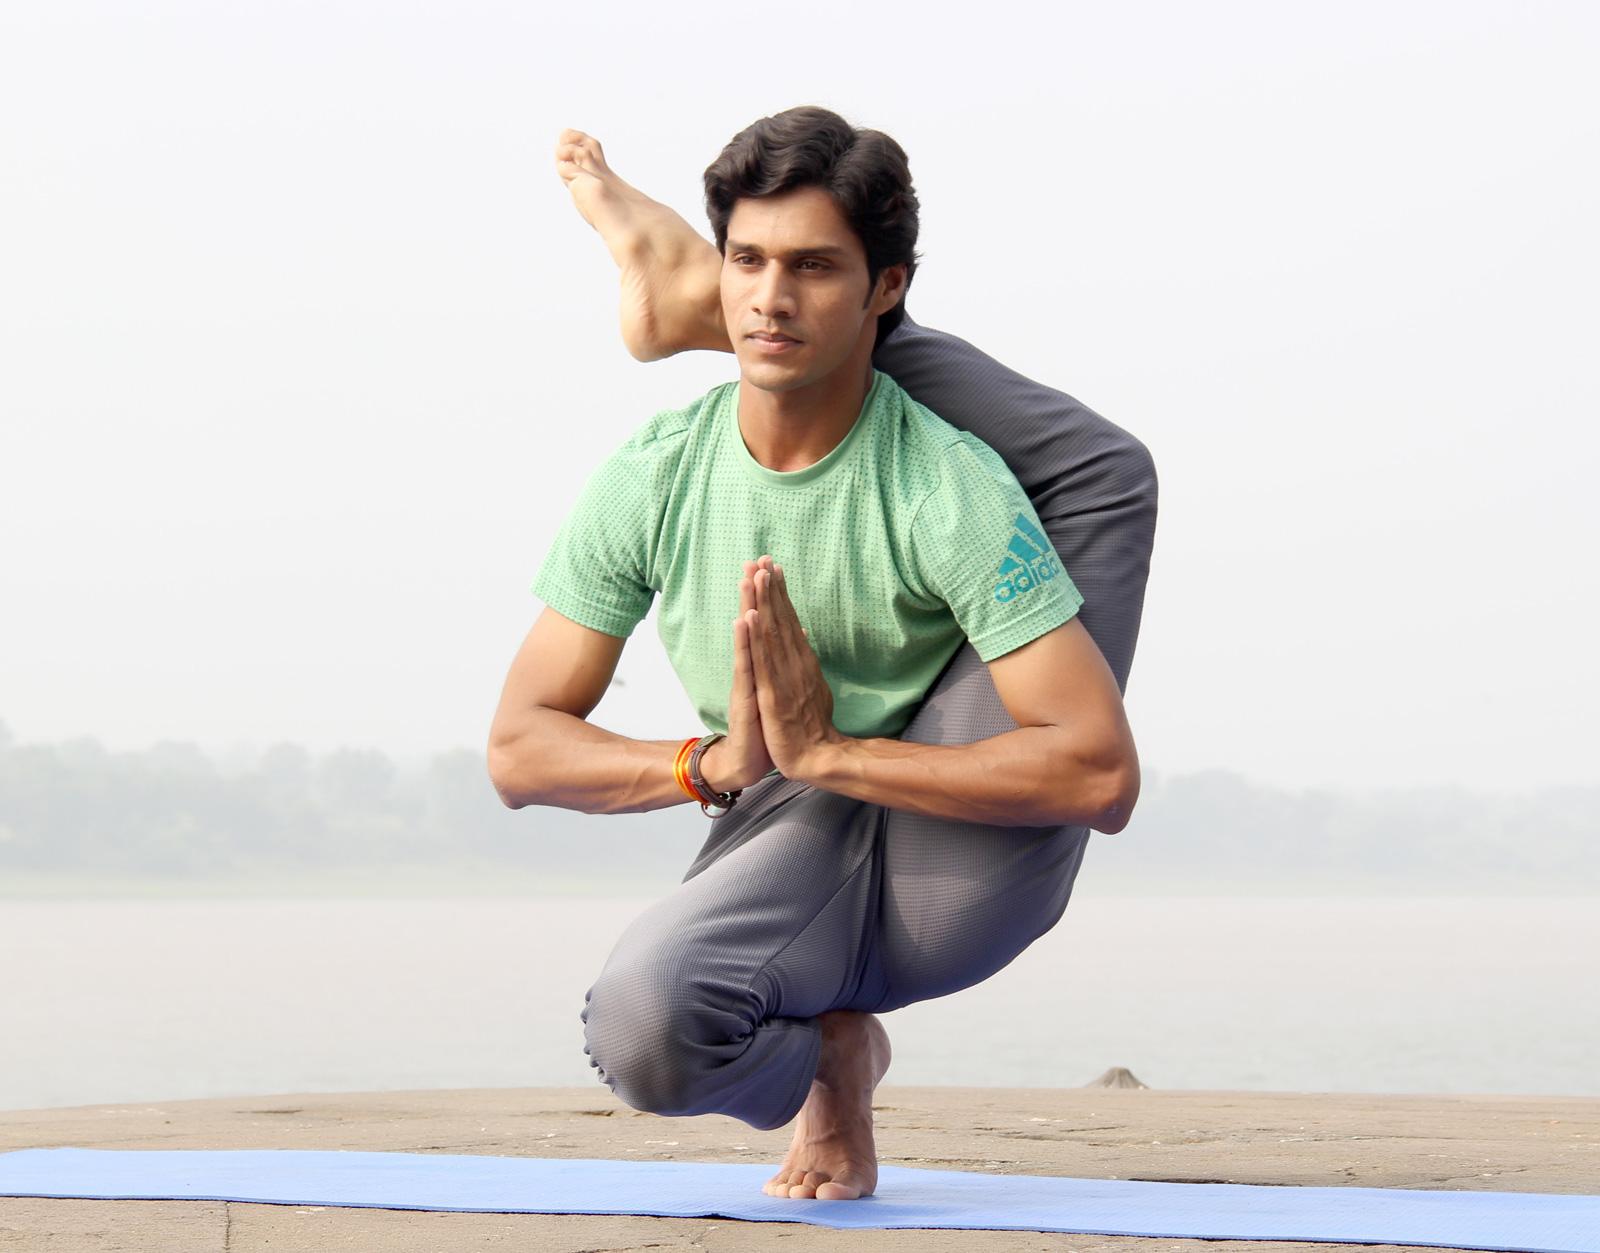 Indischer Yoga-Meister. Zum Glück gibt es auch leichtere Yoga-Übungen.